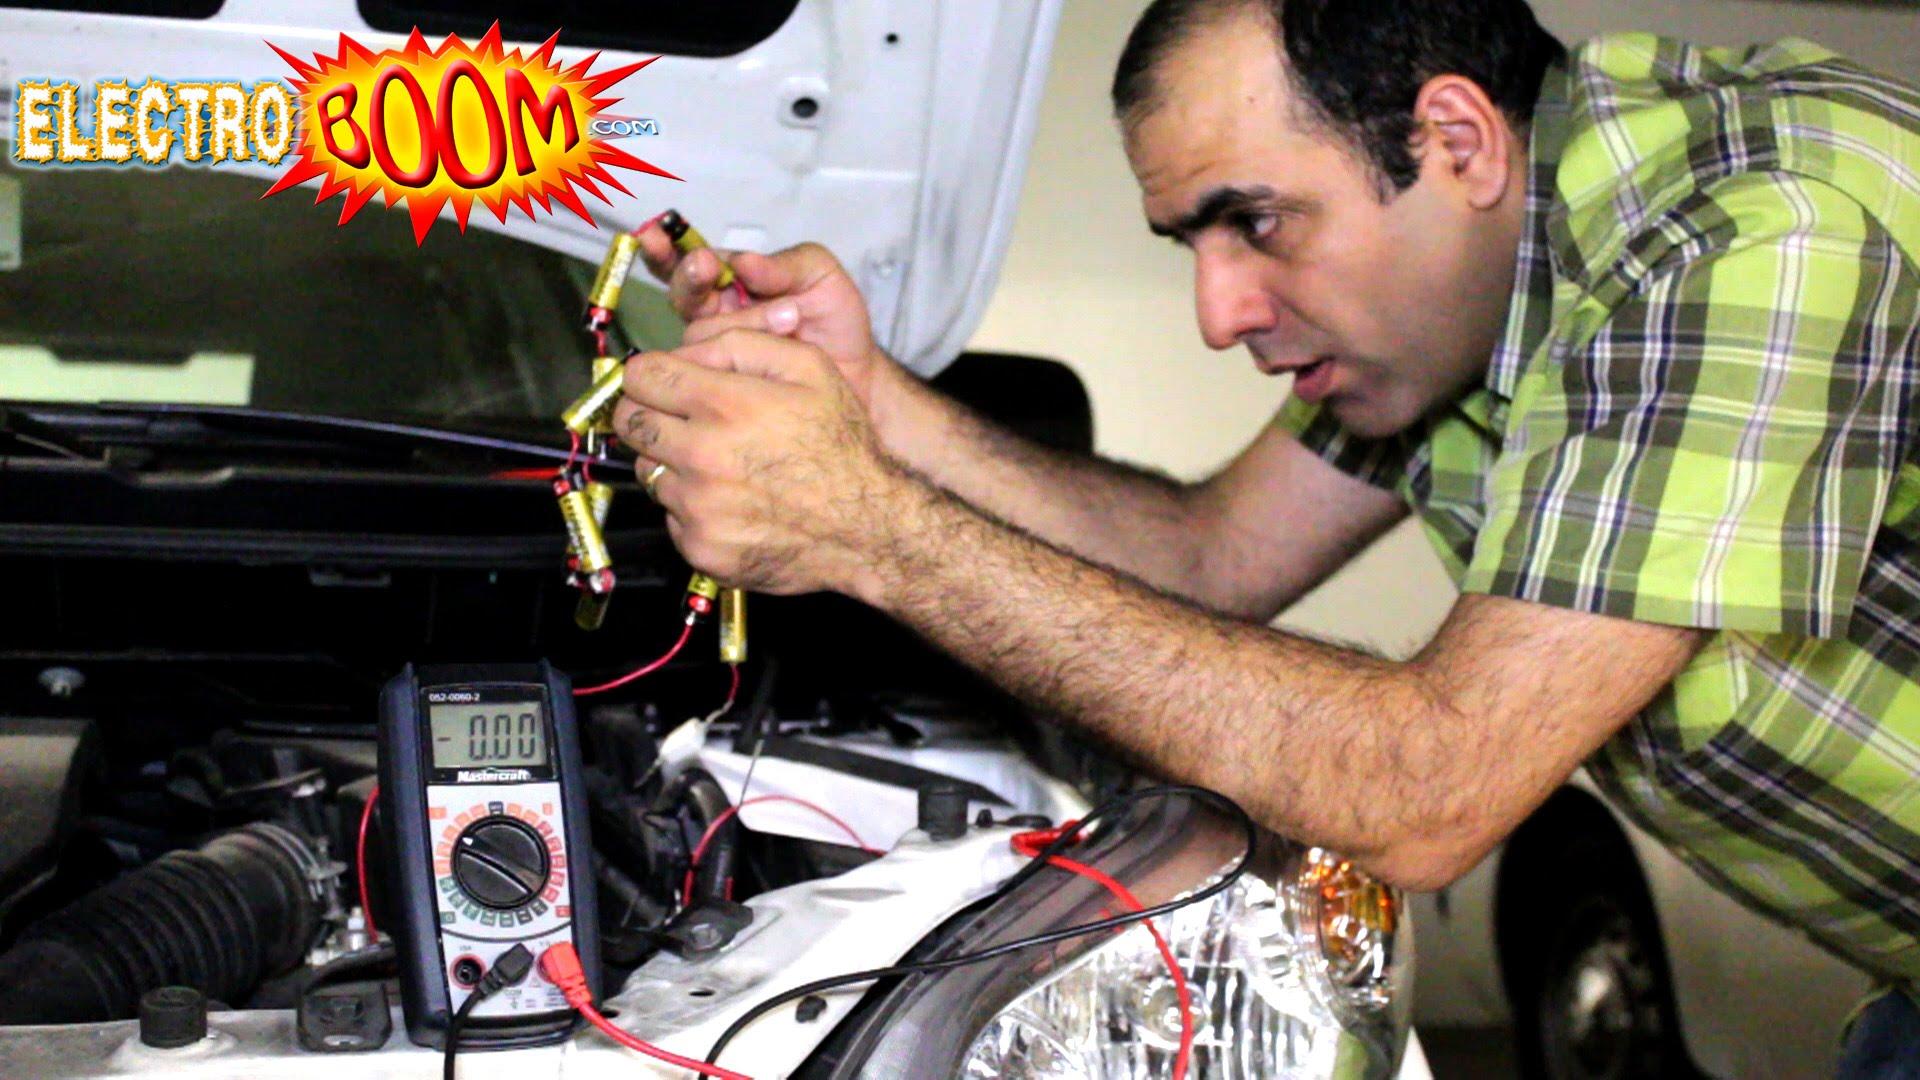 無過江龍? 12 粒 AA 電池救死車